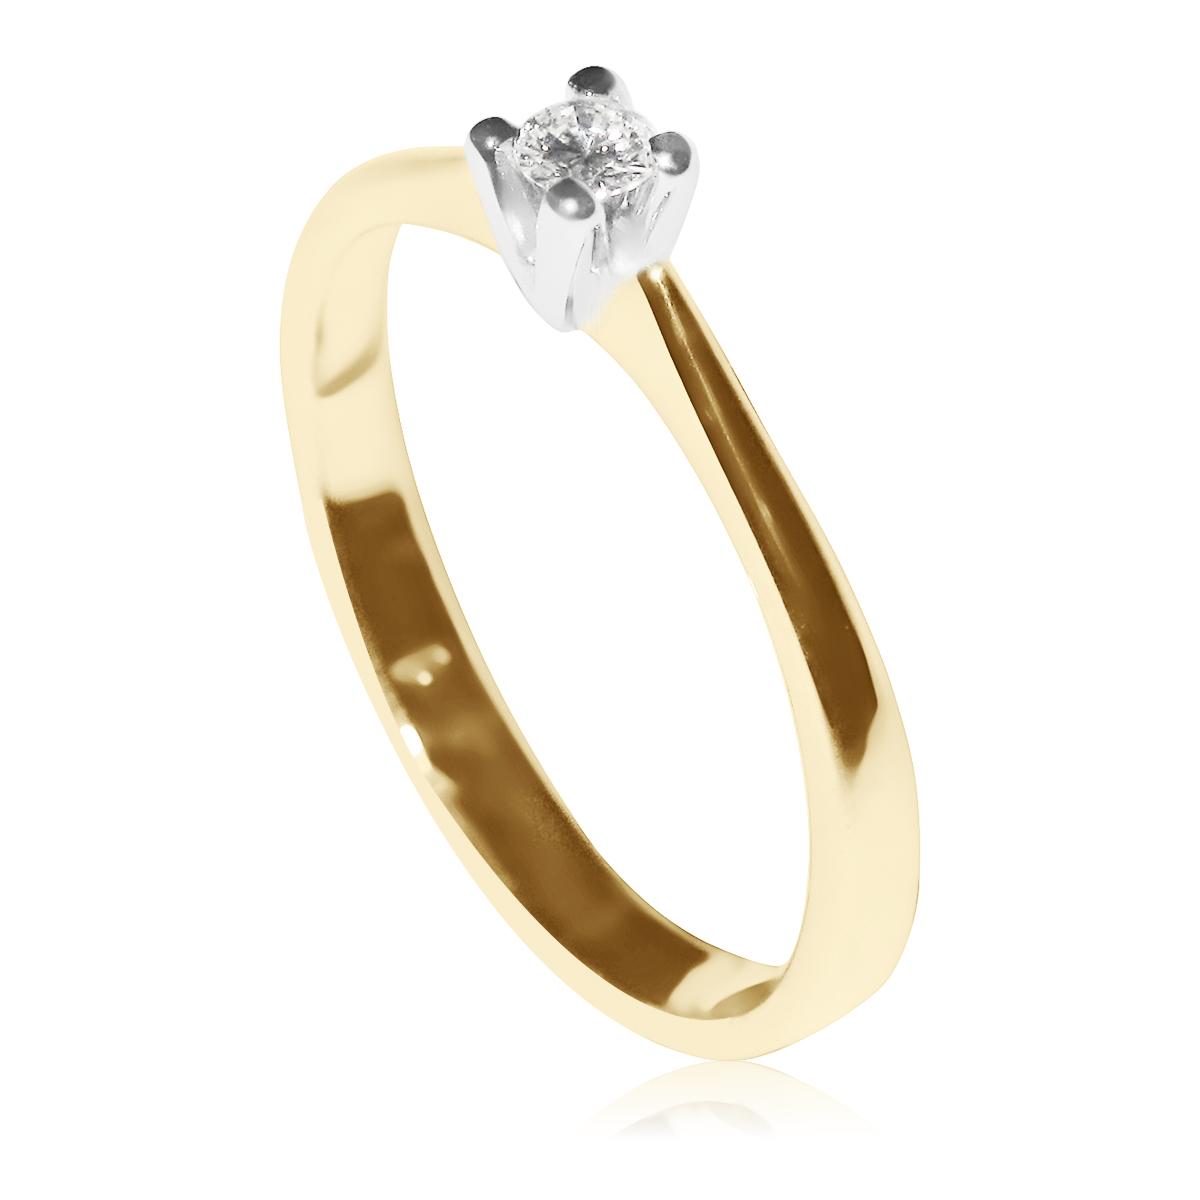 Золотое кольцо на помолвку с небольшим бриллиантом 0,06 Ct «Femina»